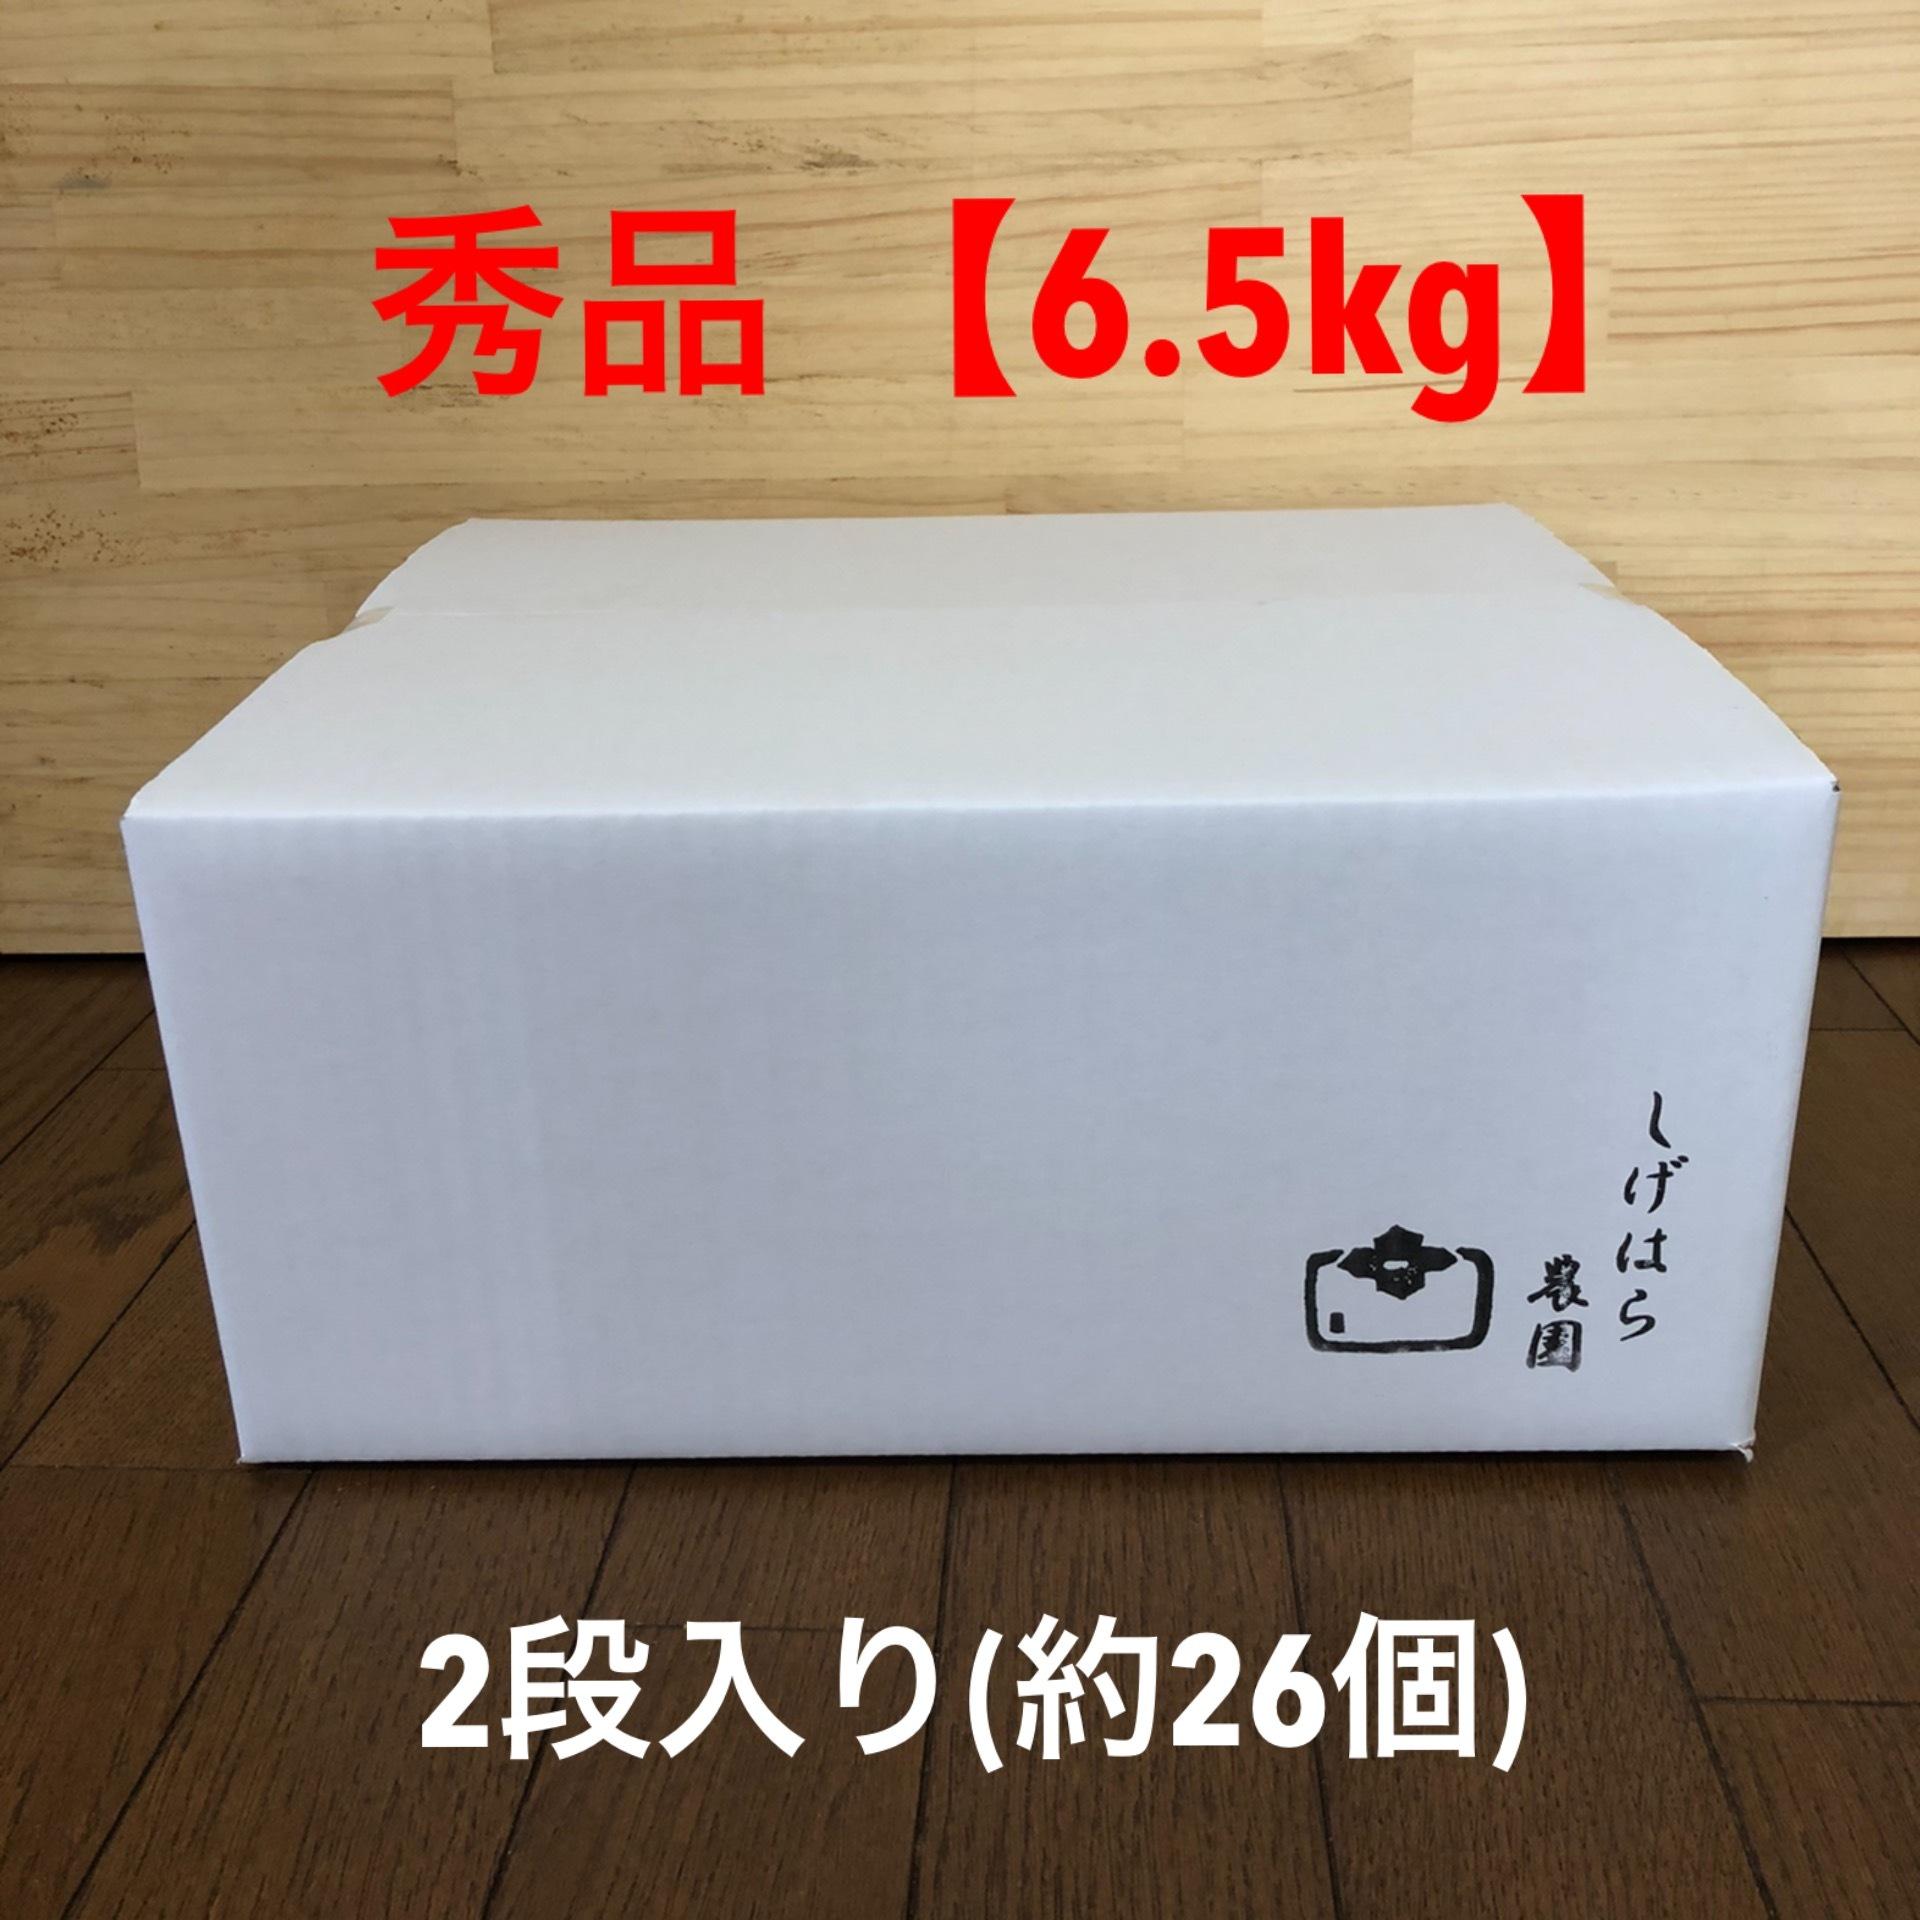 [予約販売] 次郎柿 秀品 【6.5kg】